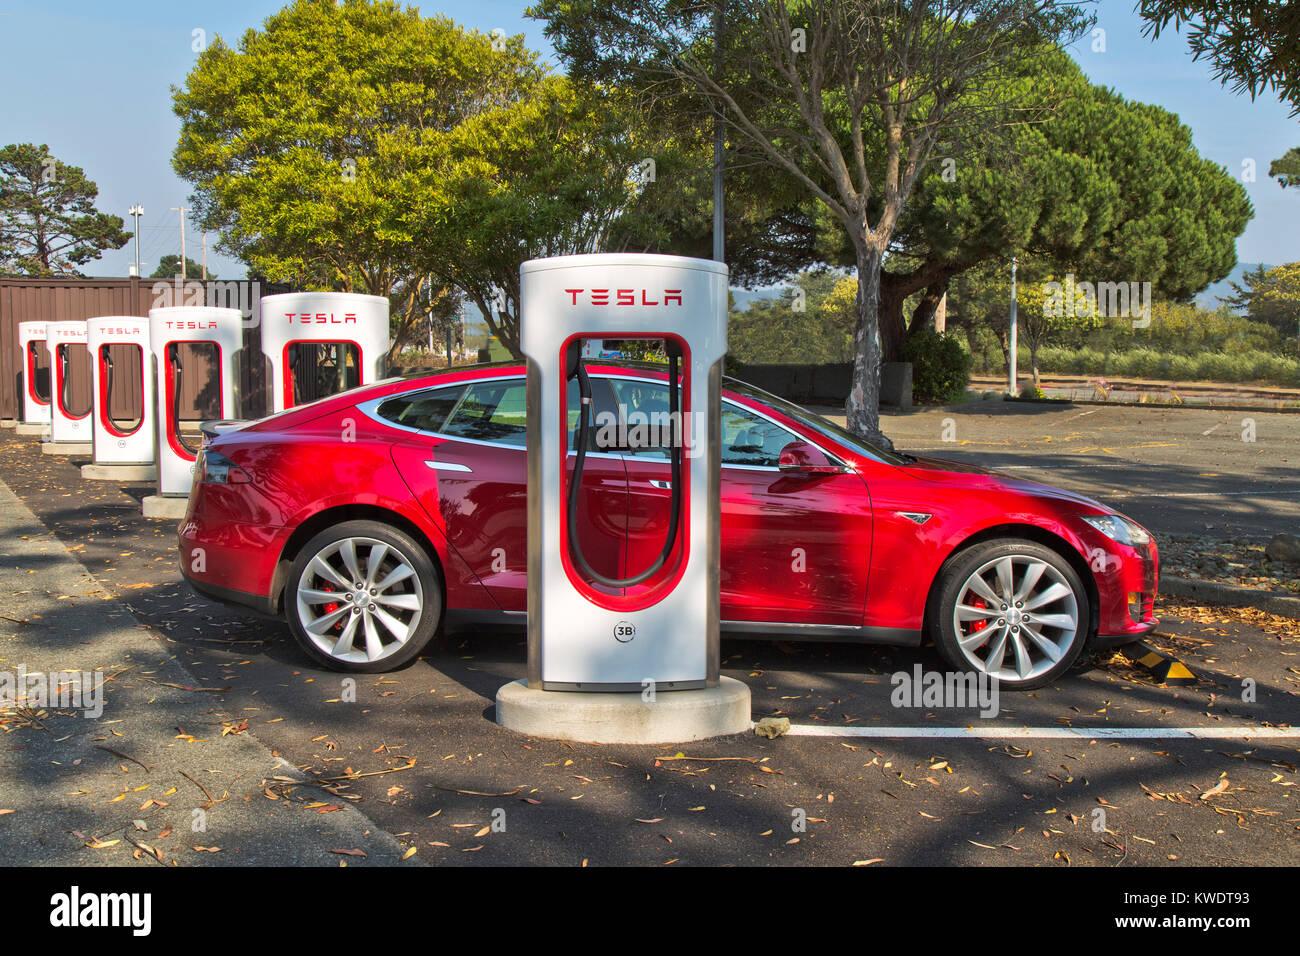 """Tesla's """"Limousine 480 Volt (Schnellladung) Kompressor Station verbunden. Stockbild"""